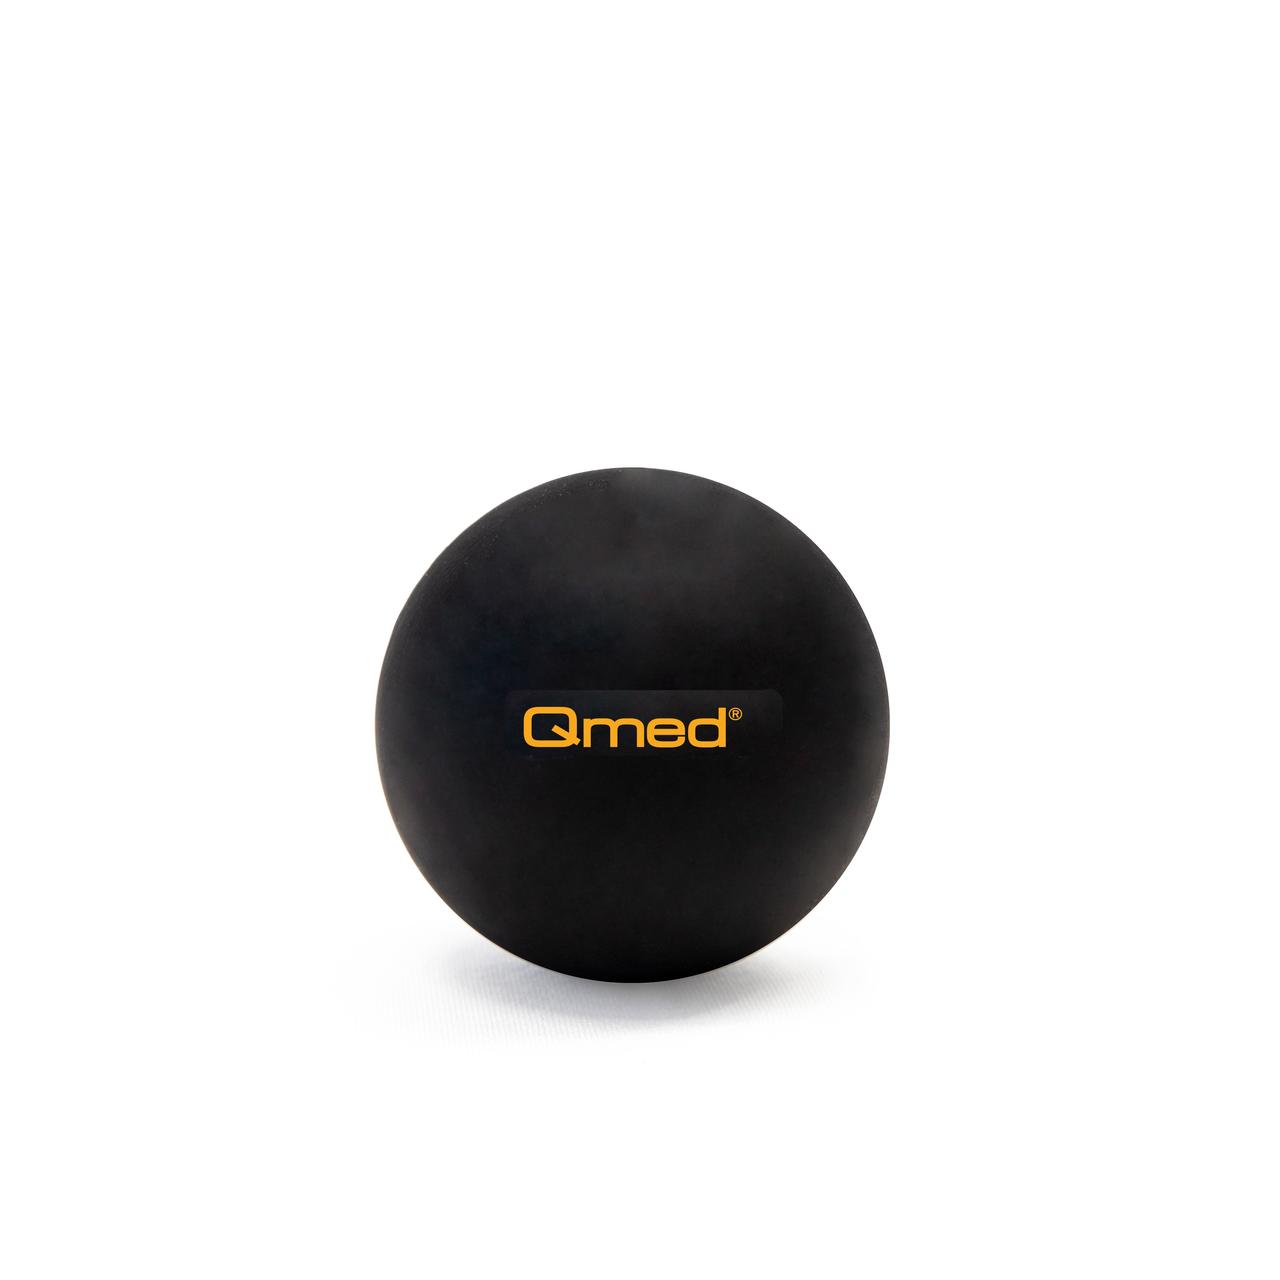 Масажний м'яч Qmed Lacrosse Ball, чорний Ø 6 см